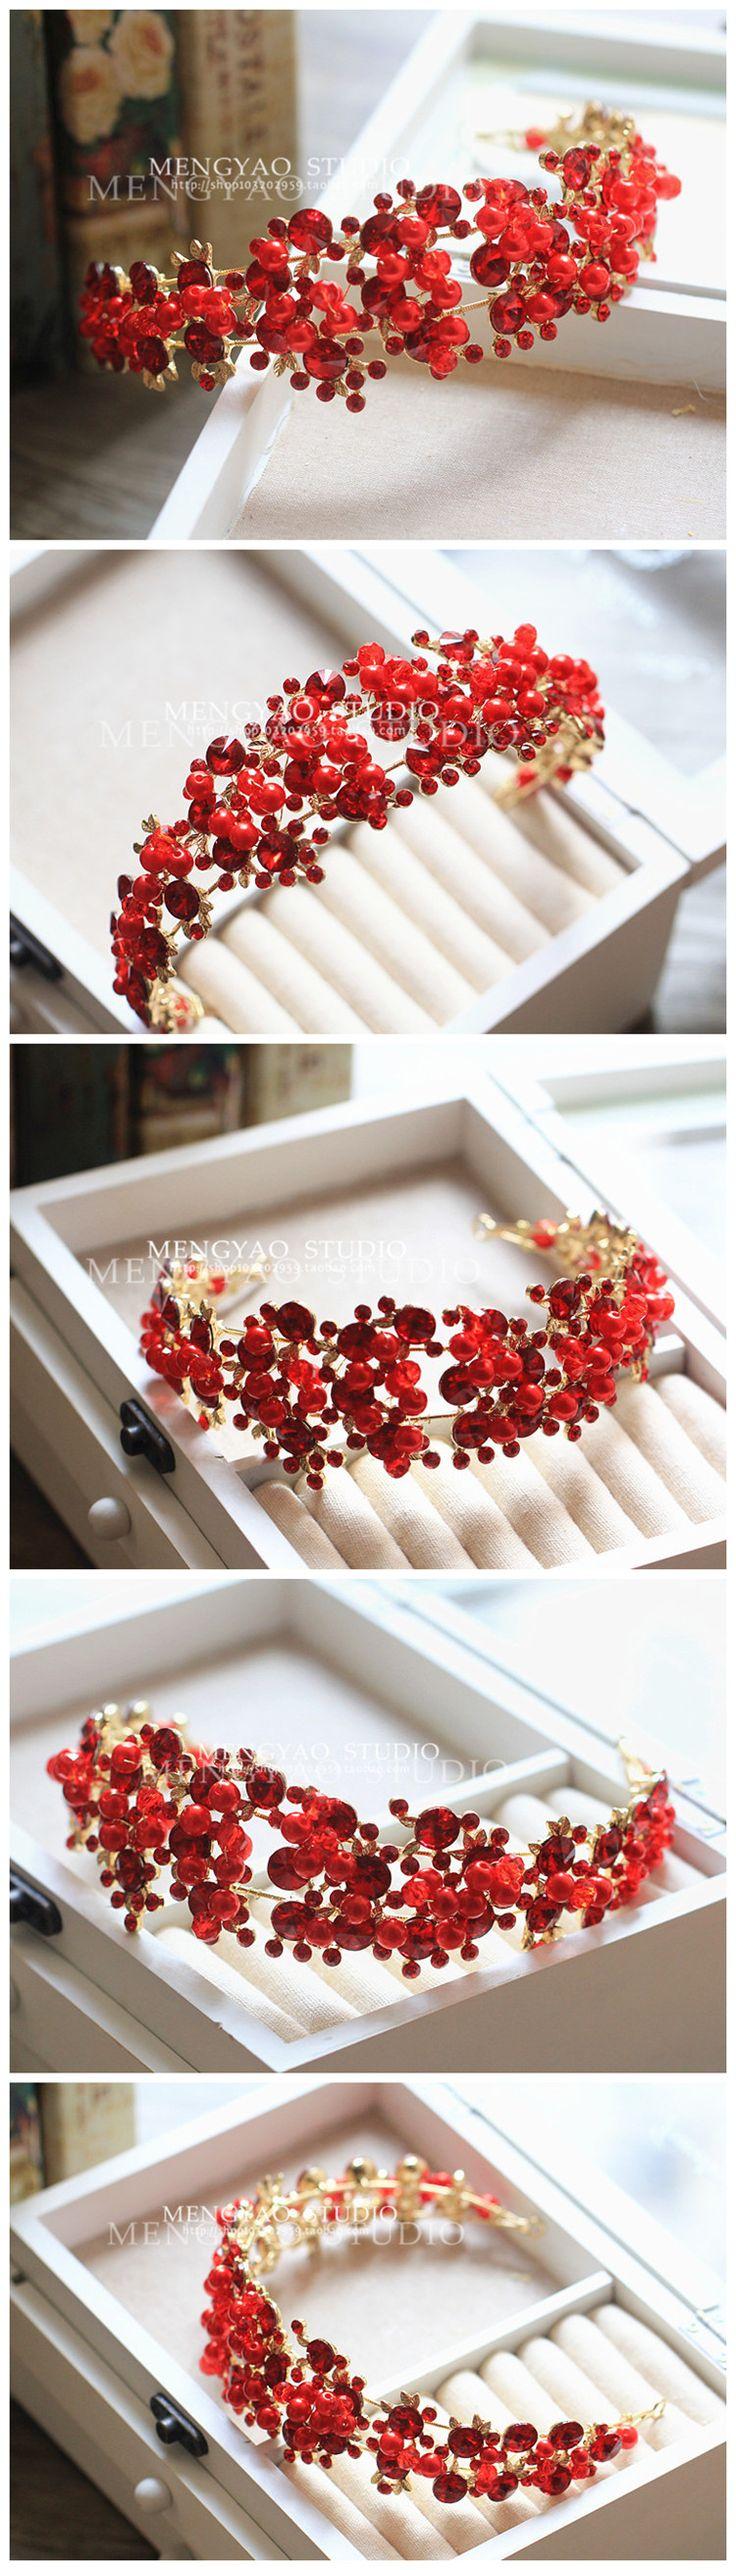 Корейский невесты головного убора красная корона жемчужина горный хрусталь аксессуары для волос ленты для волос студия Сю одежда костюм платье с драгоценностями - Taobao